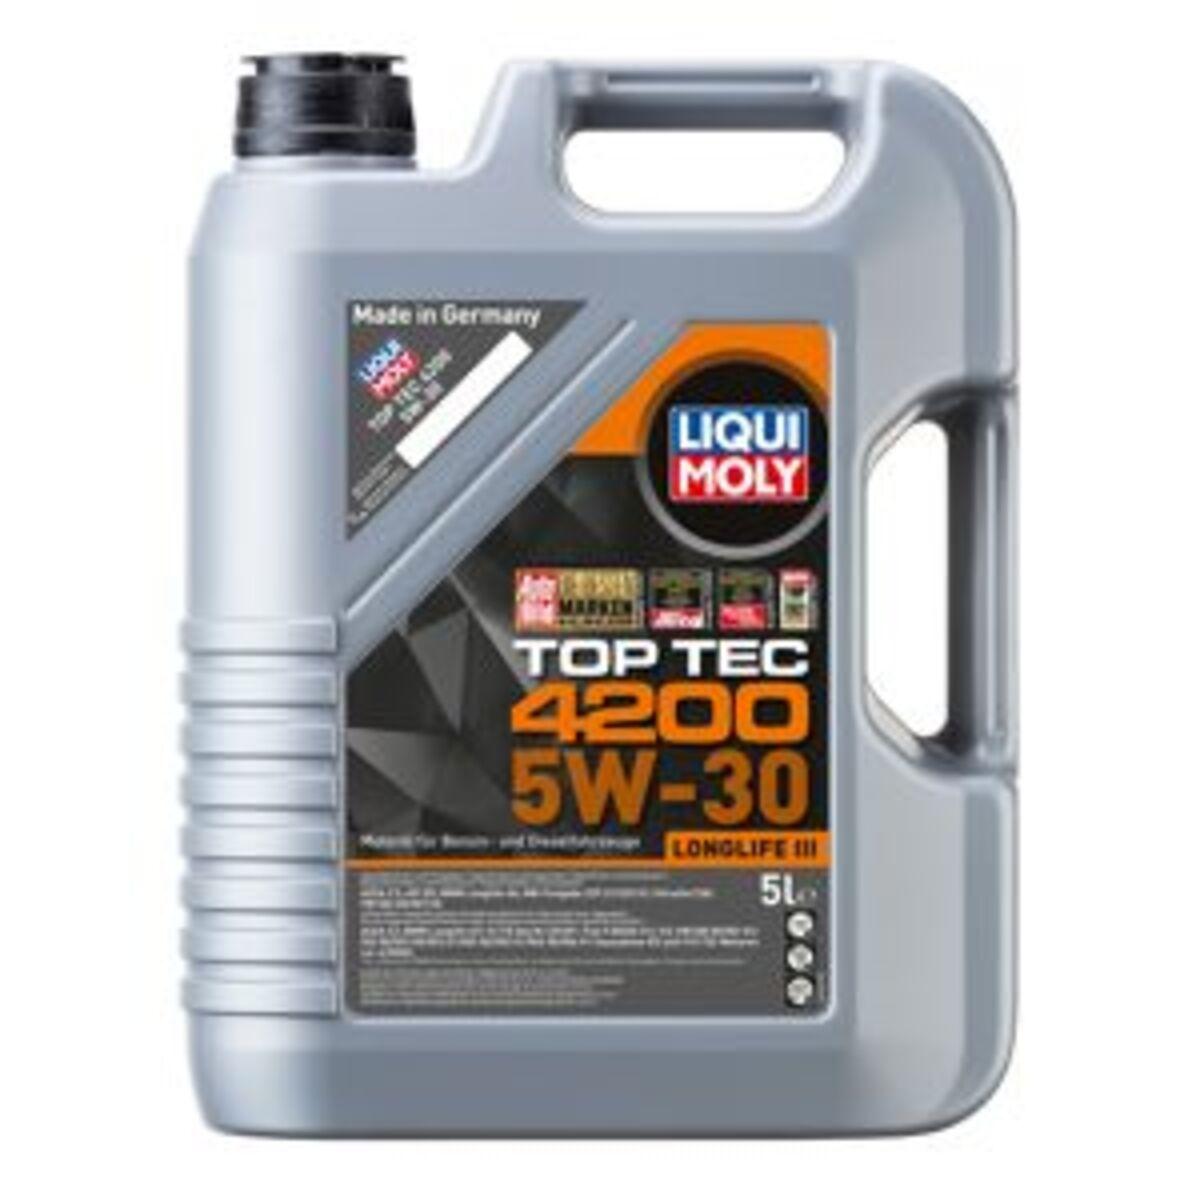 """Bild 1 von Motorenöl """"Top Tec 4200 5W-30"""" 5 l"""